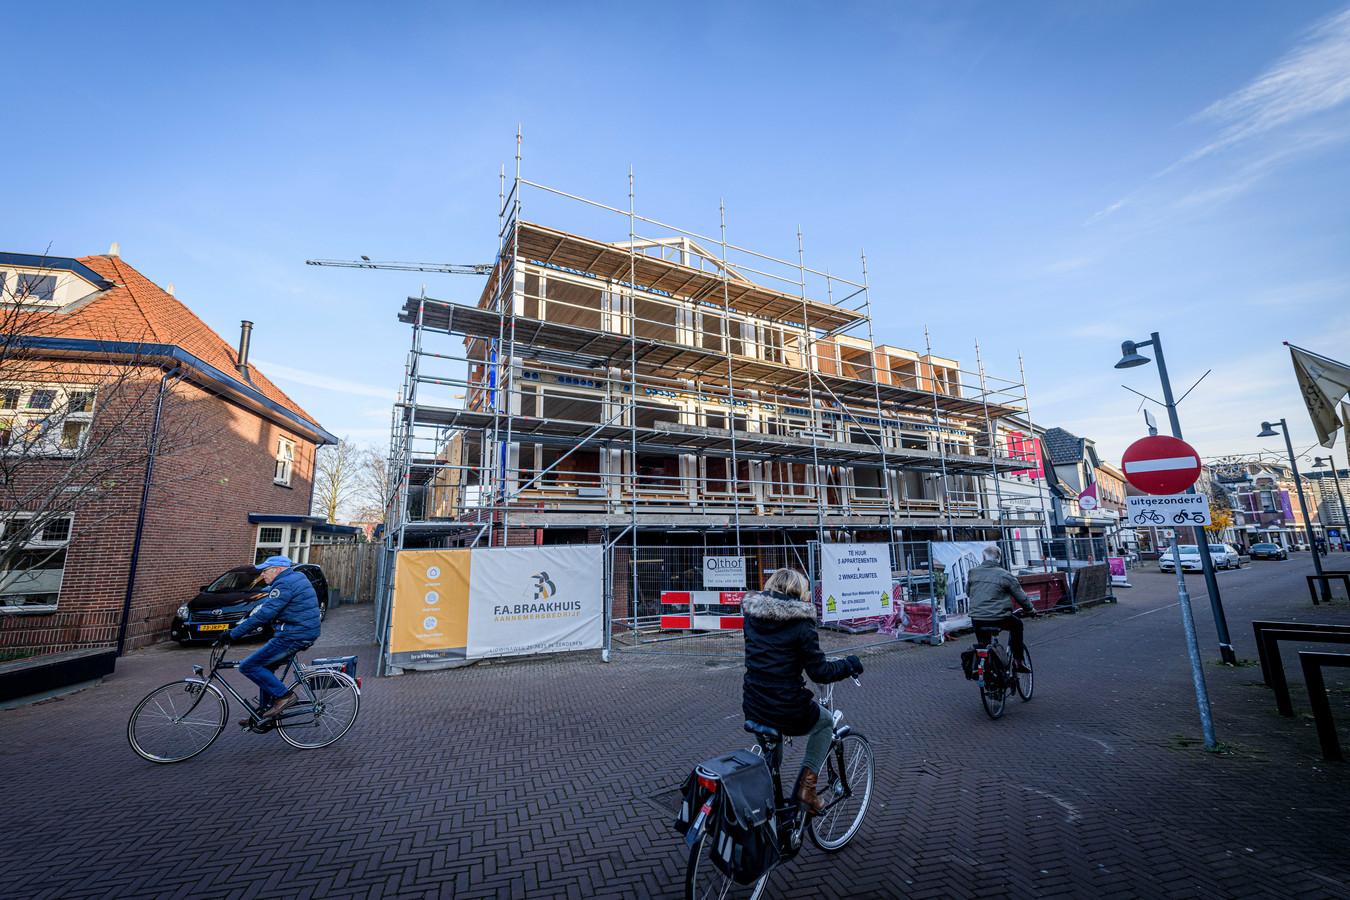 TT-2020-006193 De bouw van appartementen en winkels op plek waar eerder bloemenzaak La Fleur stond, heeft het hoogste punt bereikt.